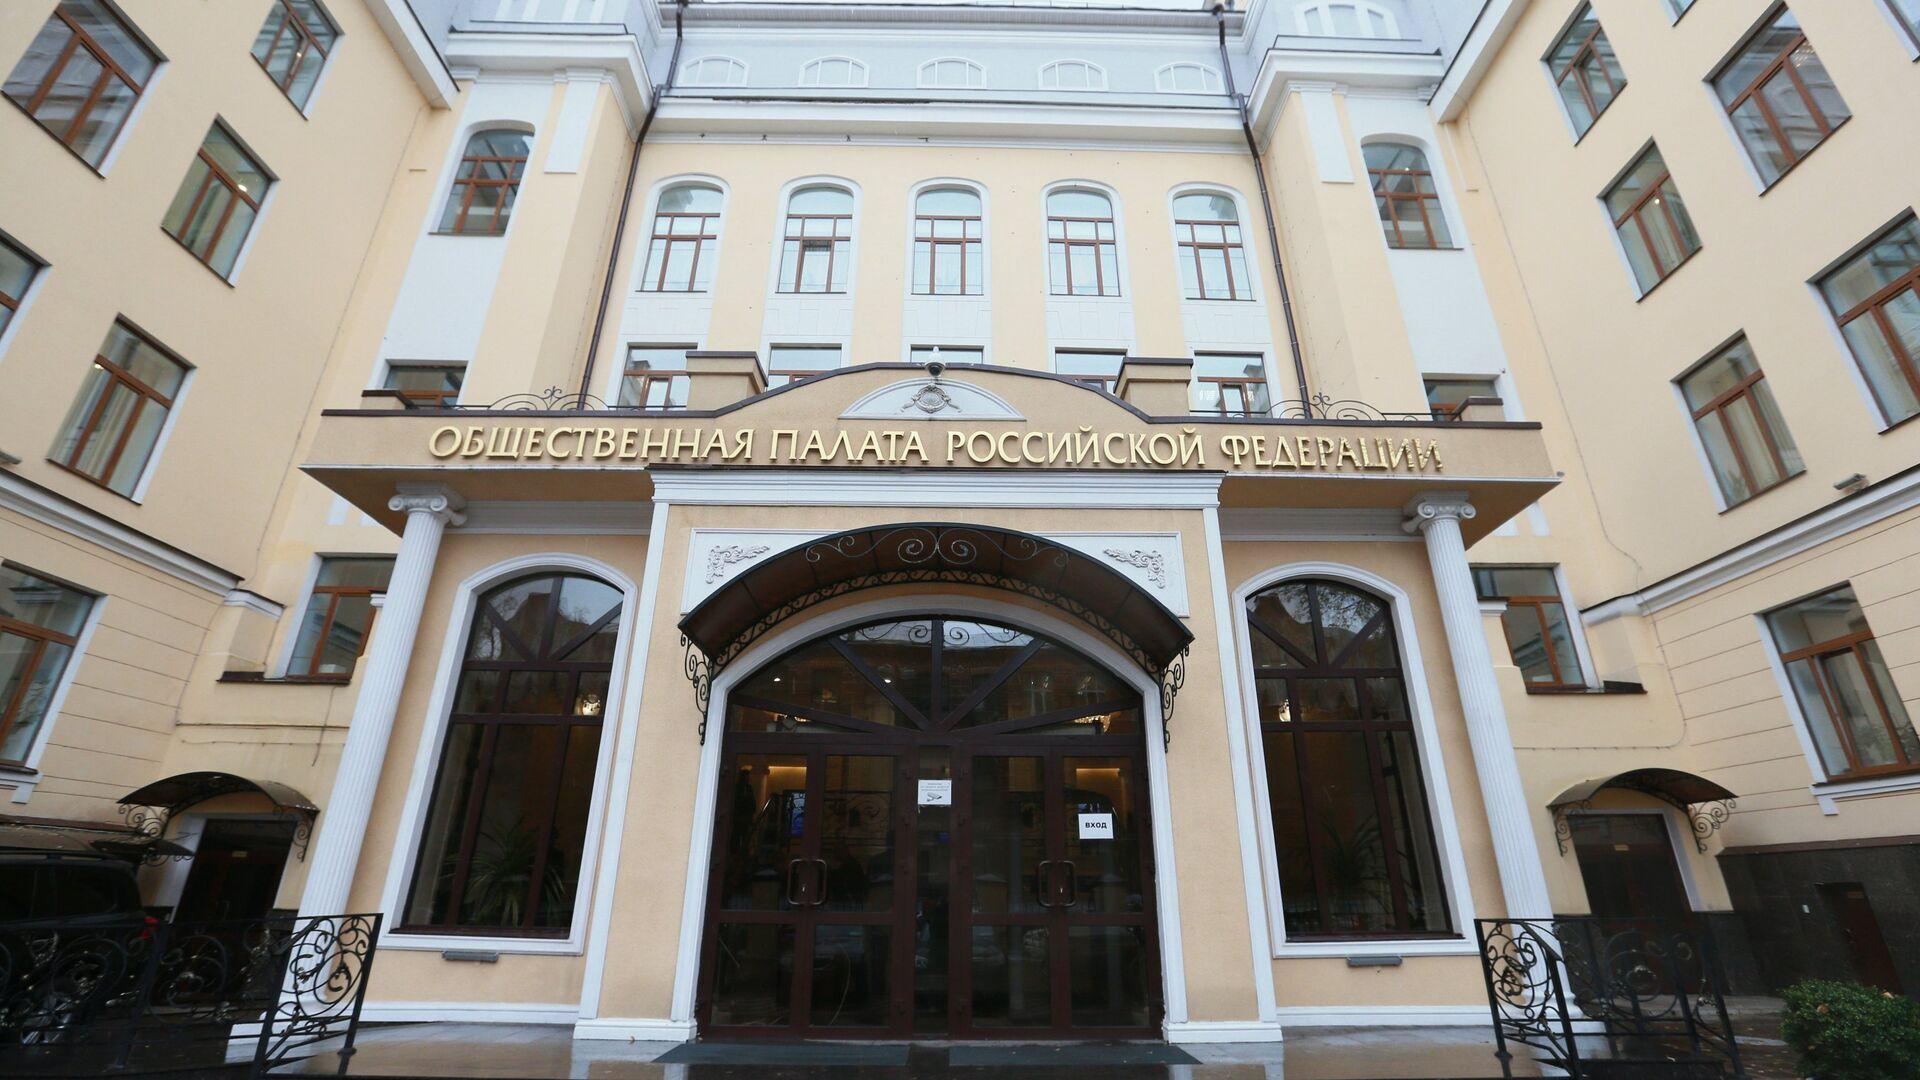 Здание Общественной палаты РФ в Москве - РИА Новости, 1920, 27.01.2021